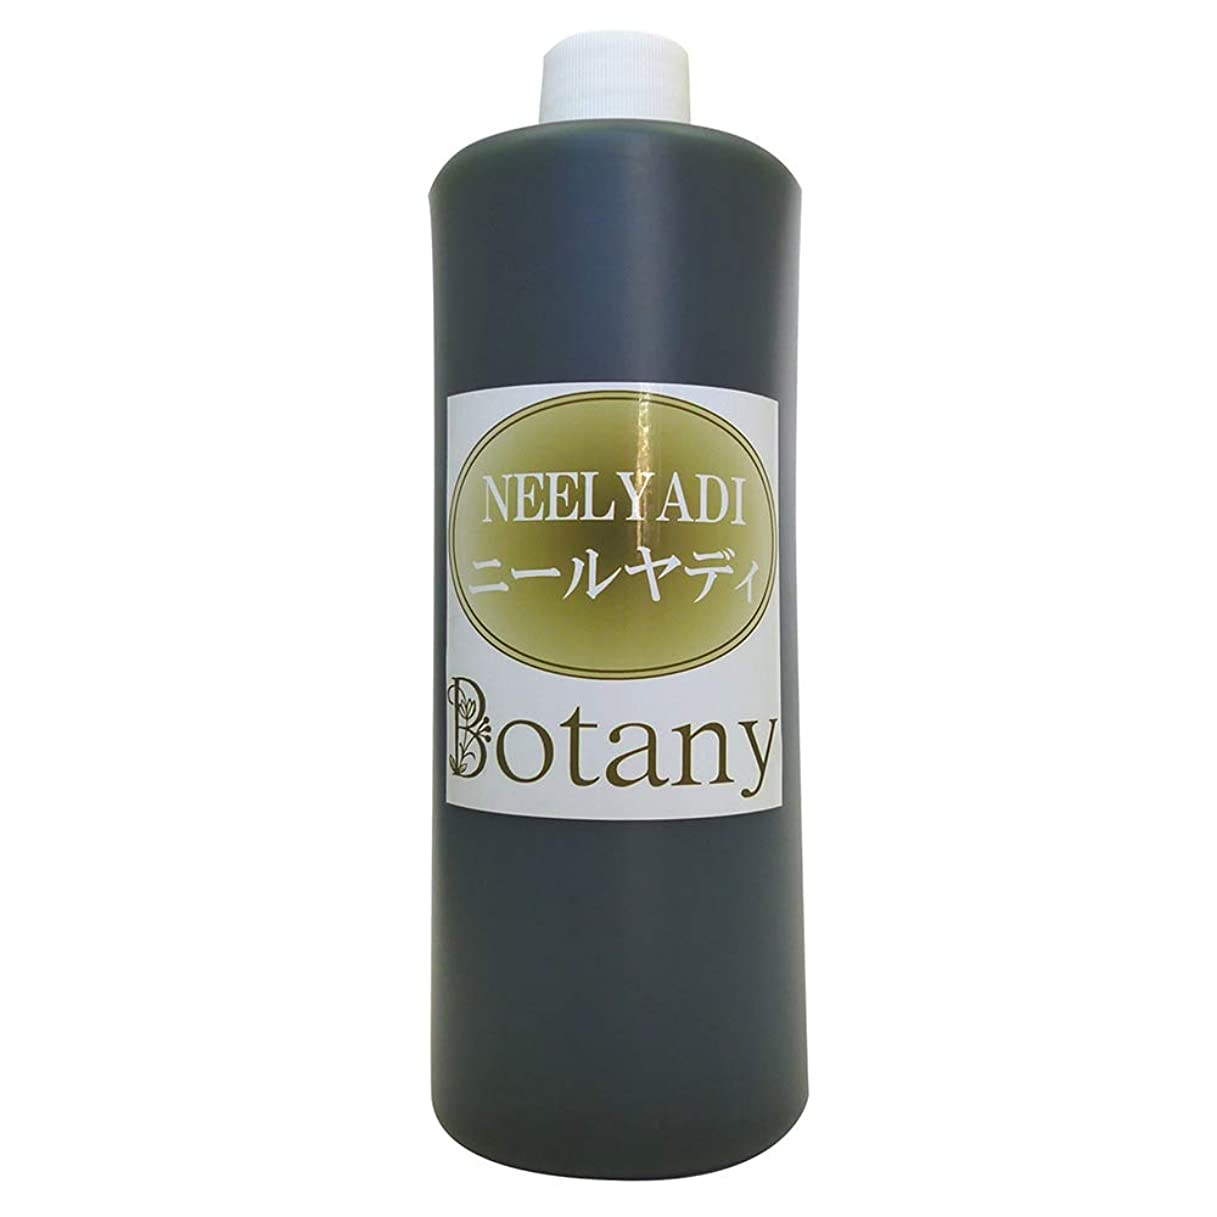 ゴシップすぐに画家Botanyオイル ニールヤディ ヘッド ボディ フェイス用 エステ サロン マッサージオイル 500ml